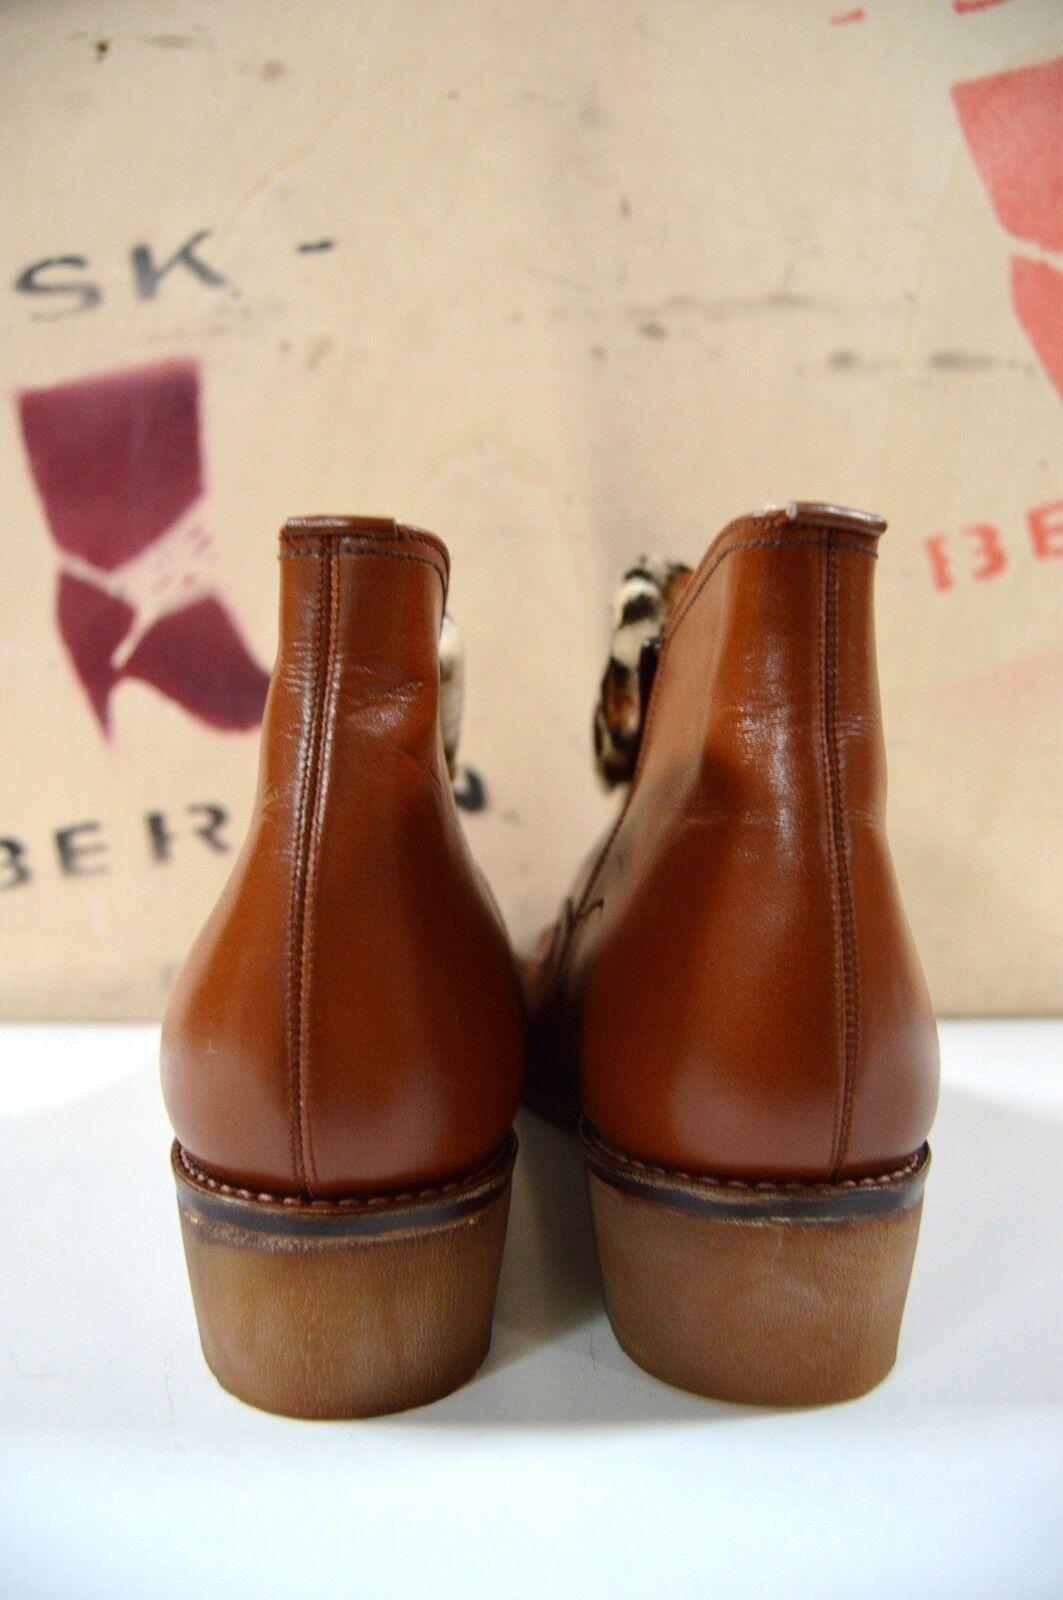 Bottine Bottines Boots Fortuna vintage 50er true vintage Fortuna 60s Cheville Chaussures snow Chaussure  838b38